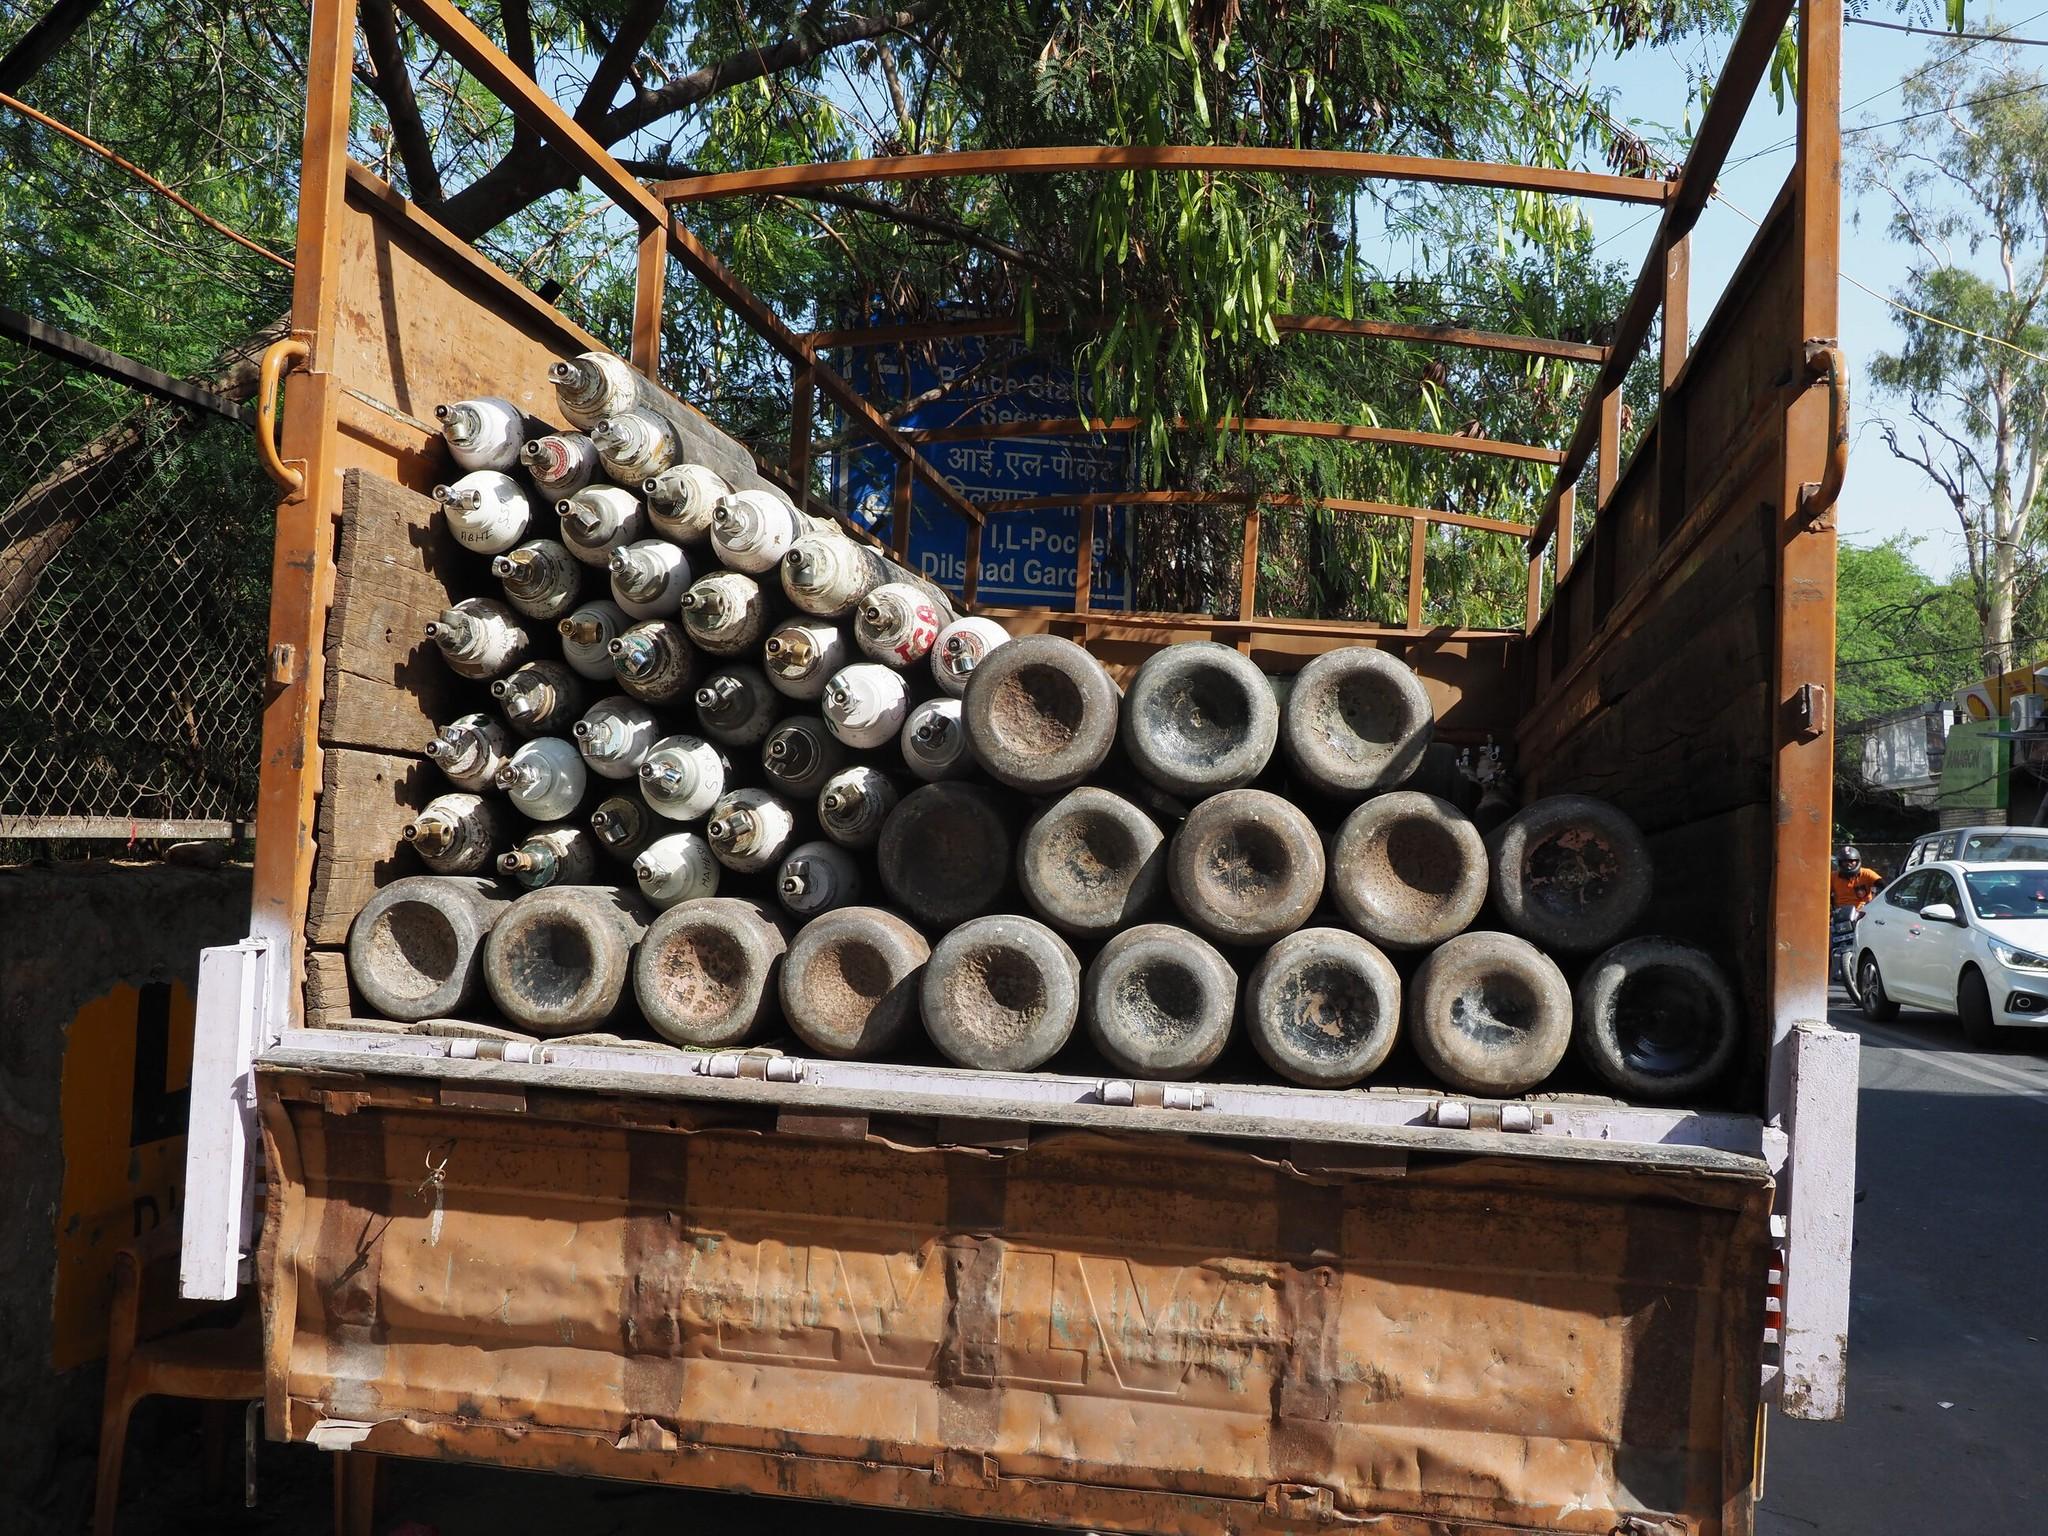 トラックに積み込まれた酸素ボンベ=ニューデリー、奈良部健撮影